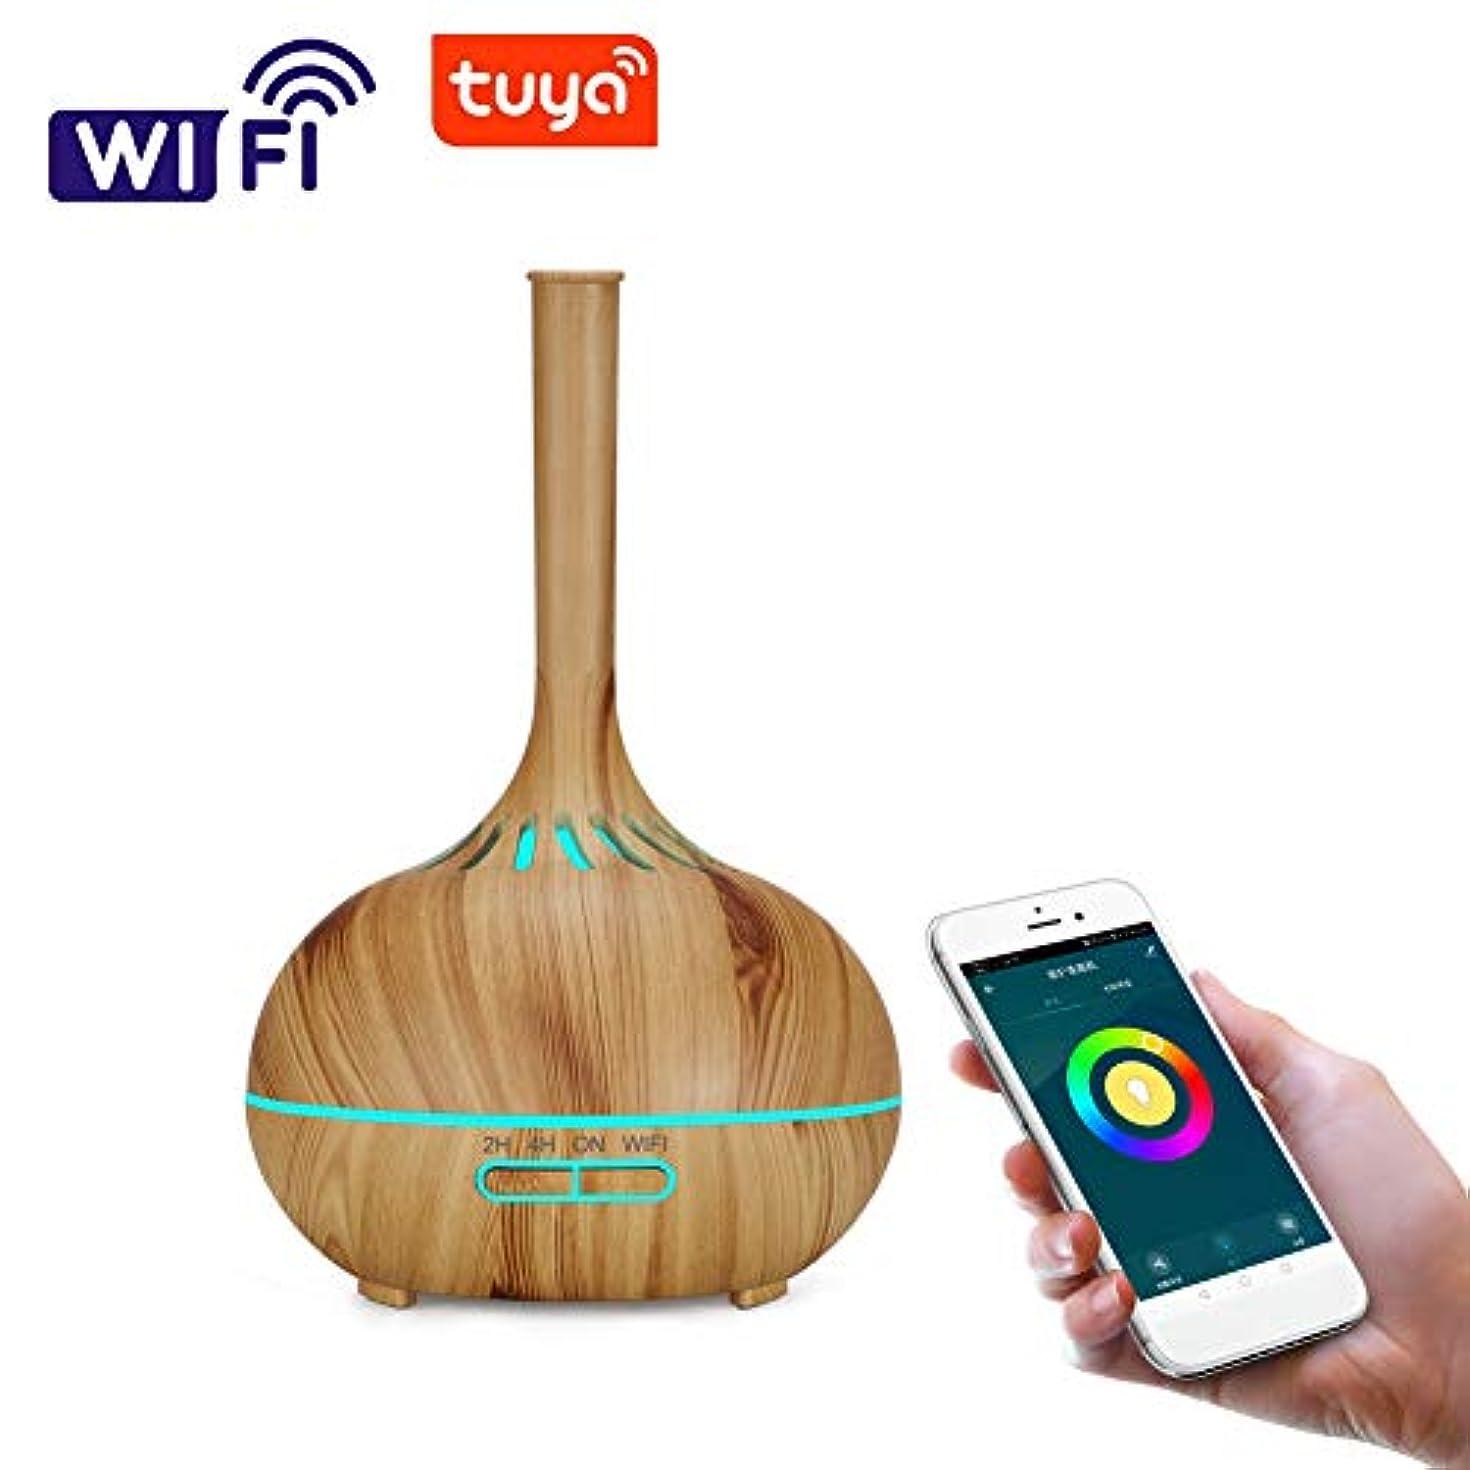 貢献置換敷居木目 涼しい霧 超音波式 加湿器,wifi 7 色 香り 精油 ディフューザー 調整可能 空気加湿器 アロマネブライザー ホーム Yoga オフィス- 400ml